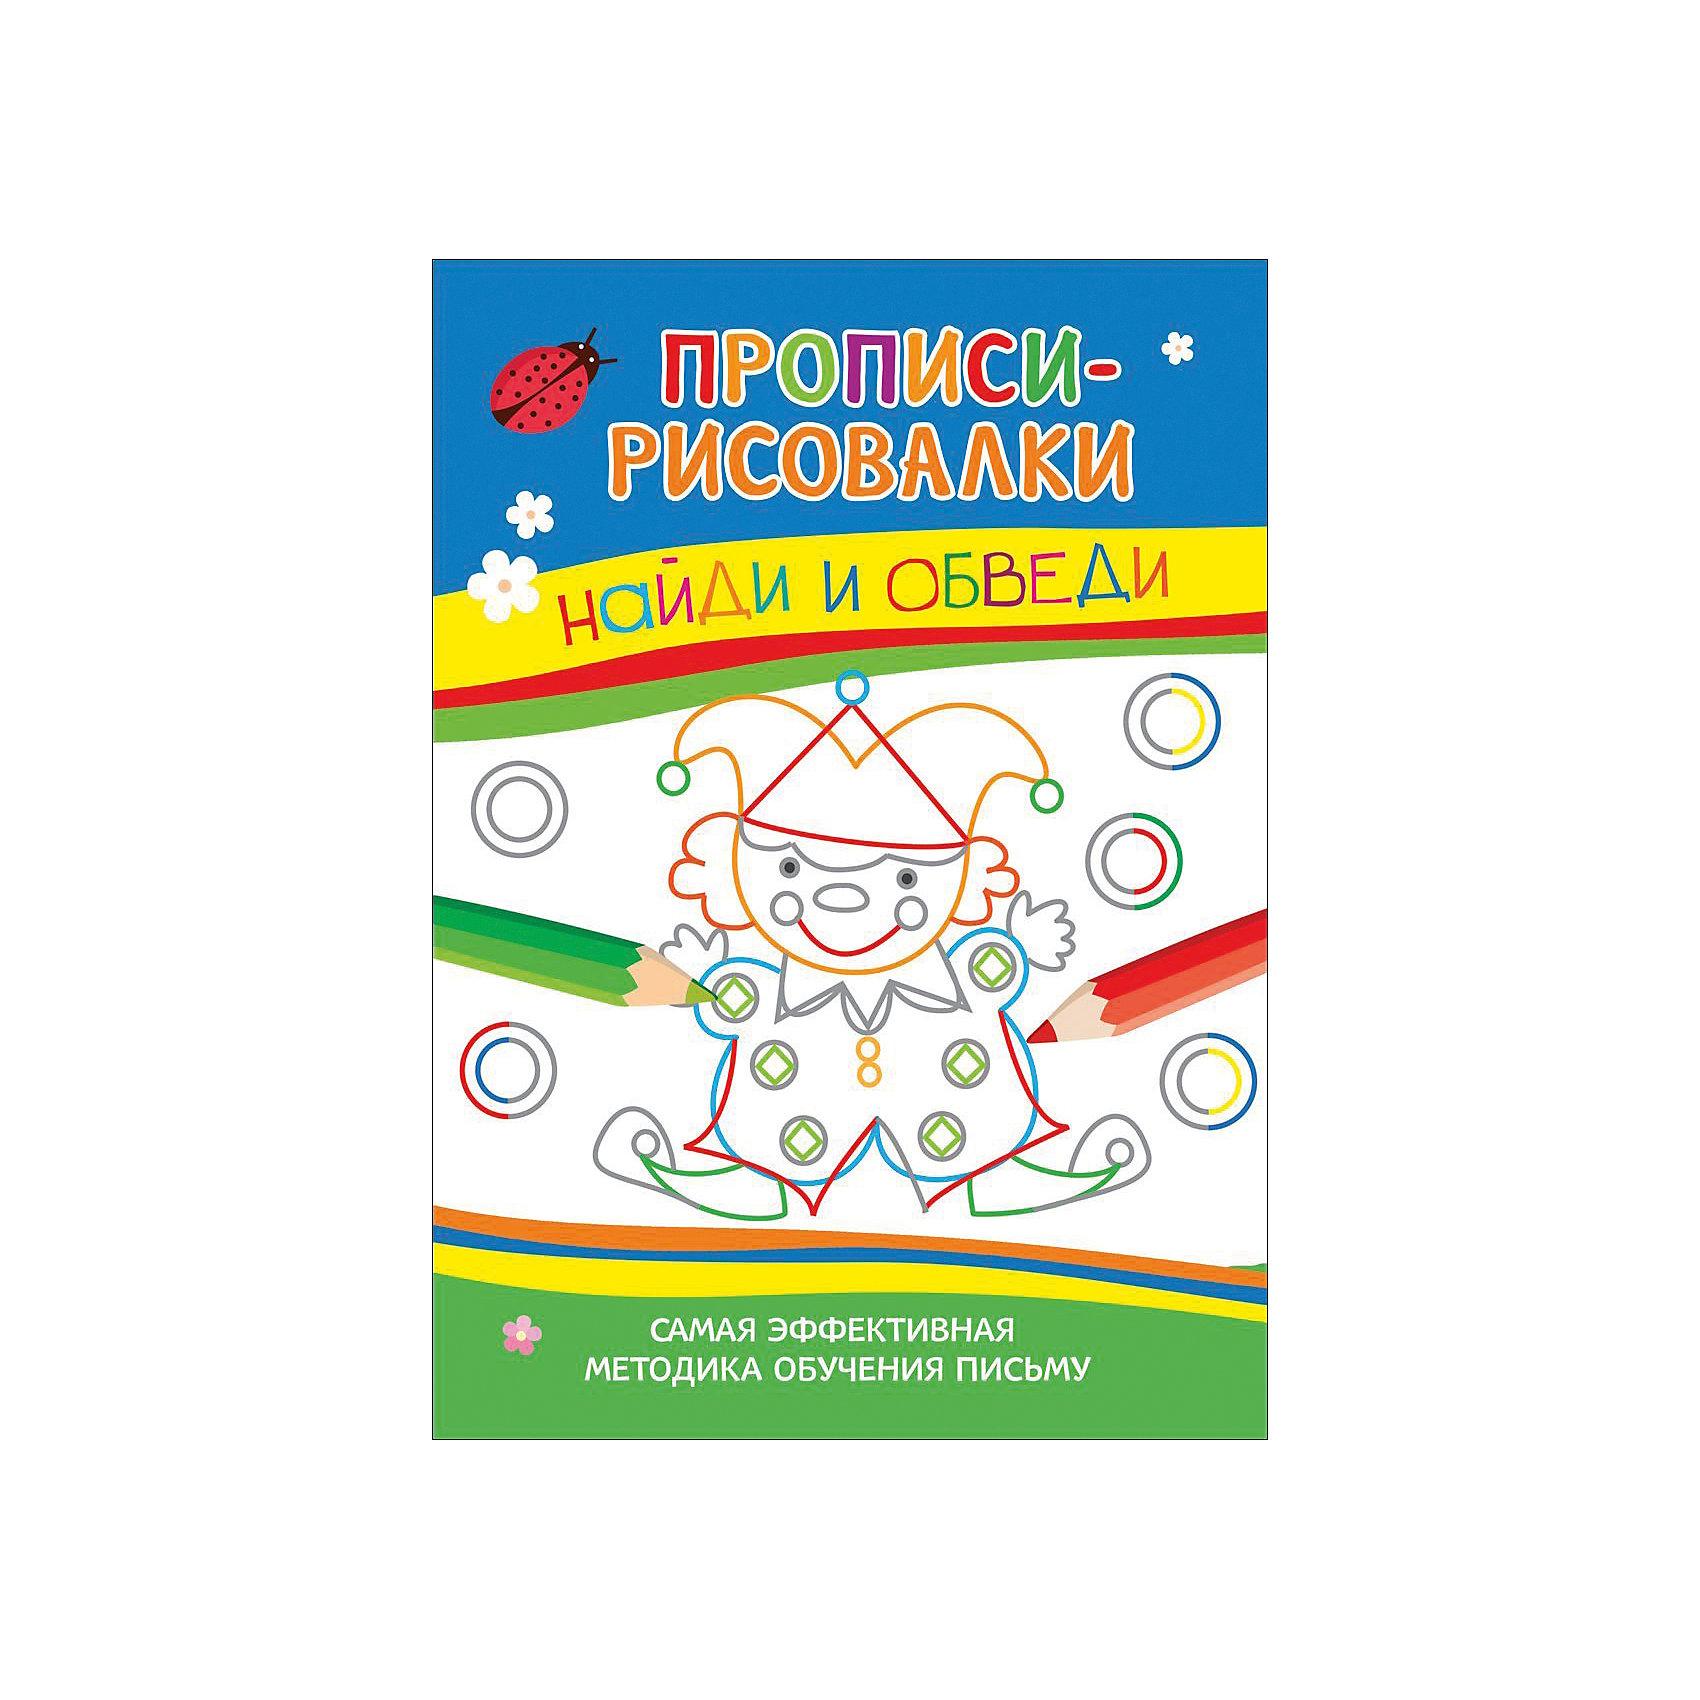 Прописи-рисовалки Найди и обведиРосмэн<br>Характеристики товара:<br><br>- цвет: разноцветный;<br>- материал: бумага;<br>- страниц: 16;<br>- формат: 29 х 22 см;<br>- обложка: мягкая;<br>- развивающее издание.<br><br>Это интересное развивающее издание станет отличным подарком для родителей и ребенка. Оно содержит в себе задания в игровой форме, с помощью которых учиться писать гораздо проще. Всё представлено в очень простой форме! Это издание поможет привить любовь к учебе!<br>Такое обучение помогает ребенку развивать зрительную память, концентрацию внимания и воображение. Издание произведено из качественных материалов, которые безопасны даже для самых маленьких.<br><br>Издание Прописи-рисовалки Найди и обведи от компании Росмэн можно купить в нашем интернет-магазине.<br><br>Ширина мм: 280<br>Глубина мм: 195<br>Высота мм: 3<br>Вес г: 80<br>Возраст от месяцев: 0<br>Возраст до месяцев: 36<br>Пол: Унисекс<br>Возраст: Детский<br>SKU: 5110021